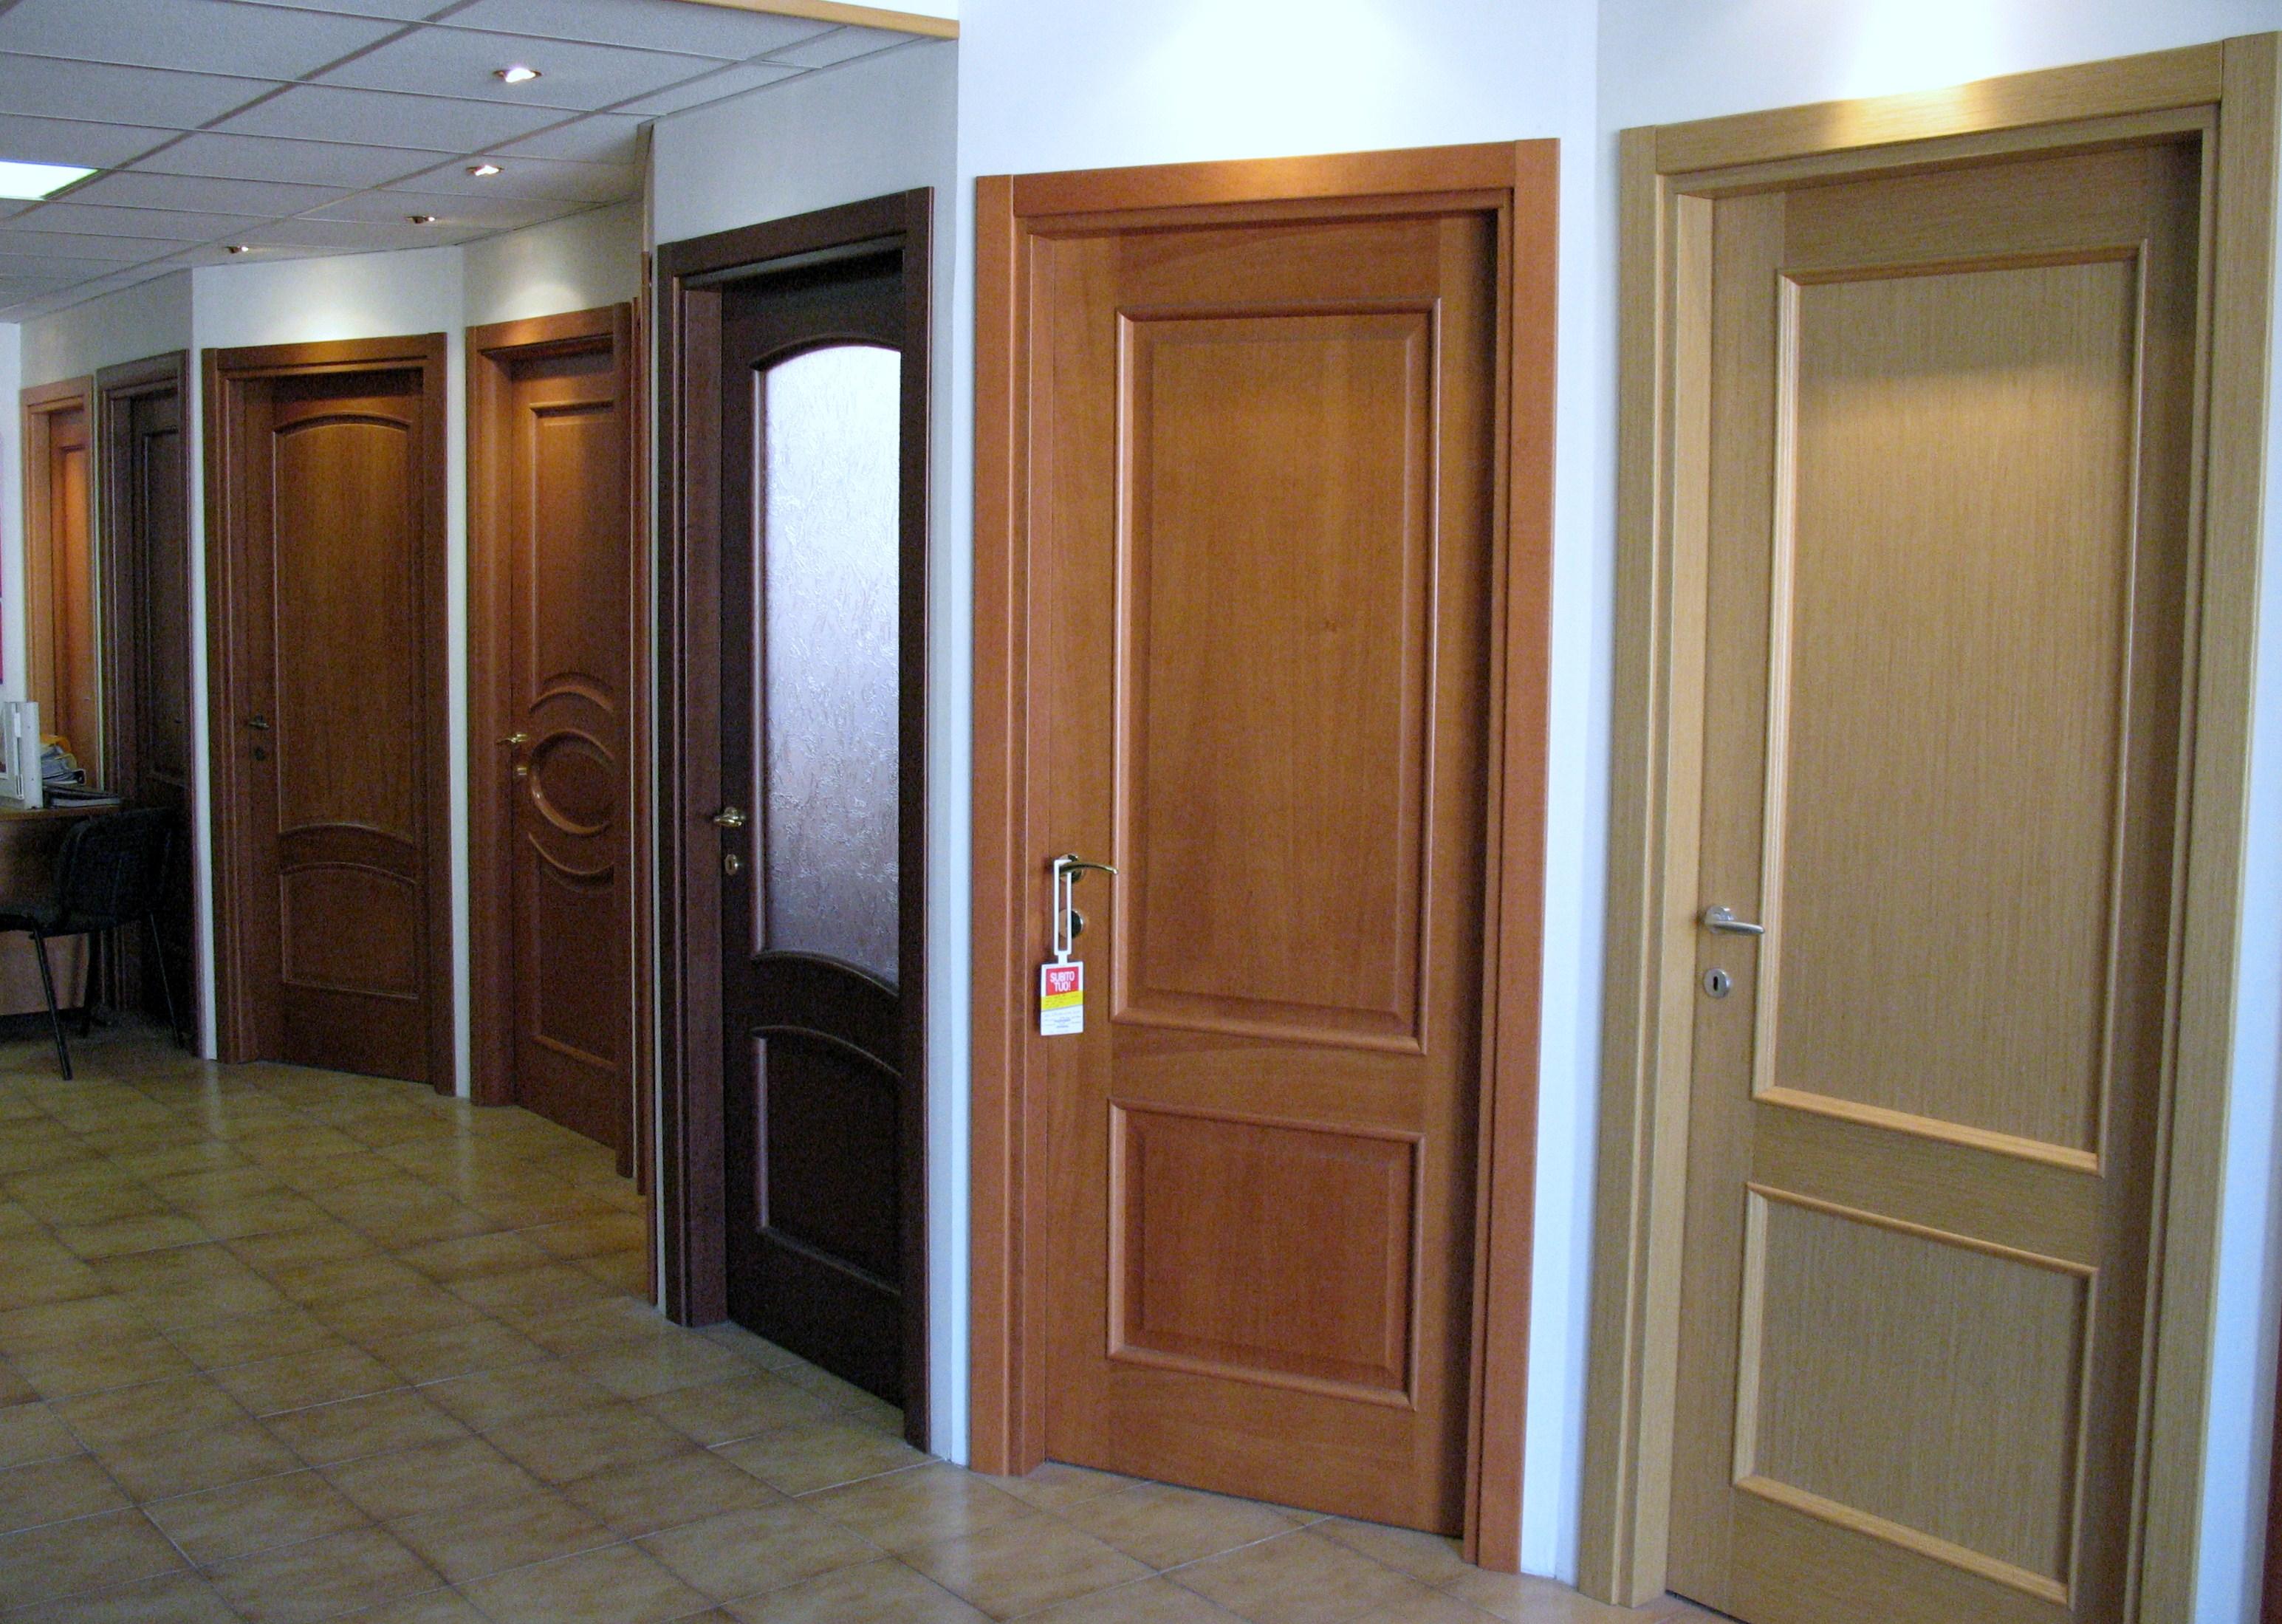 Show room porte da interni 43 54 la falegnameria - Porte da interni ...